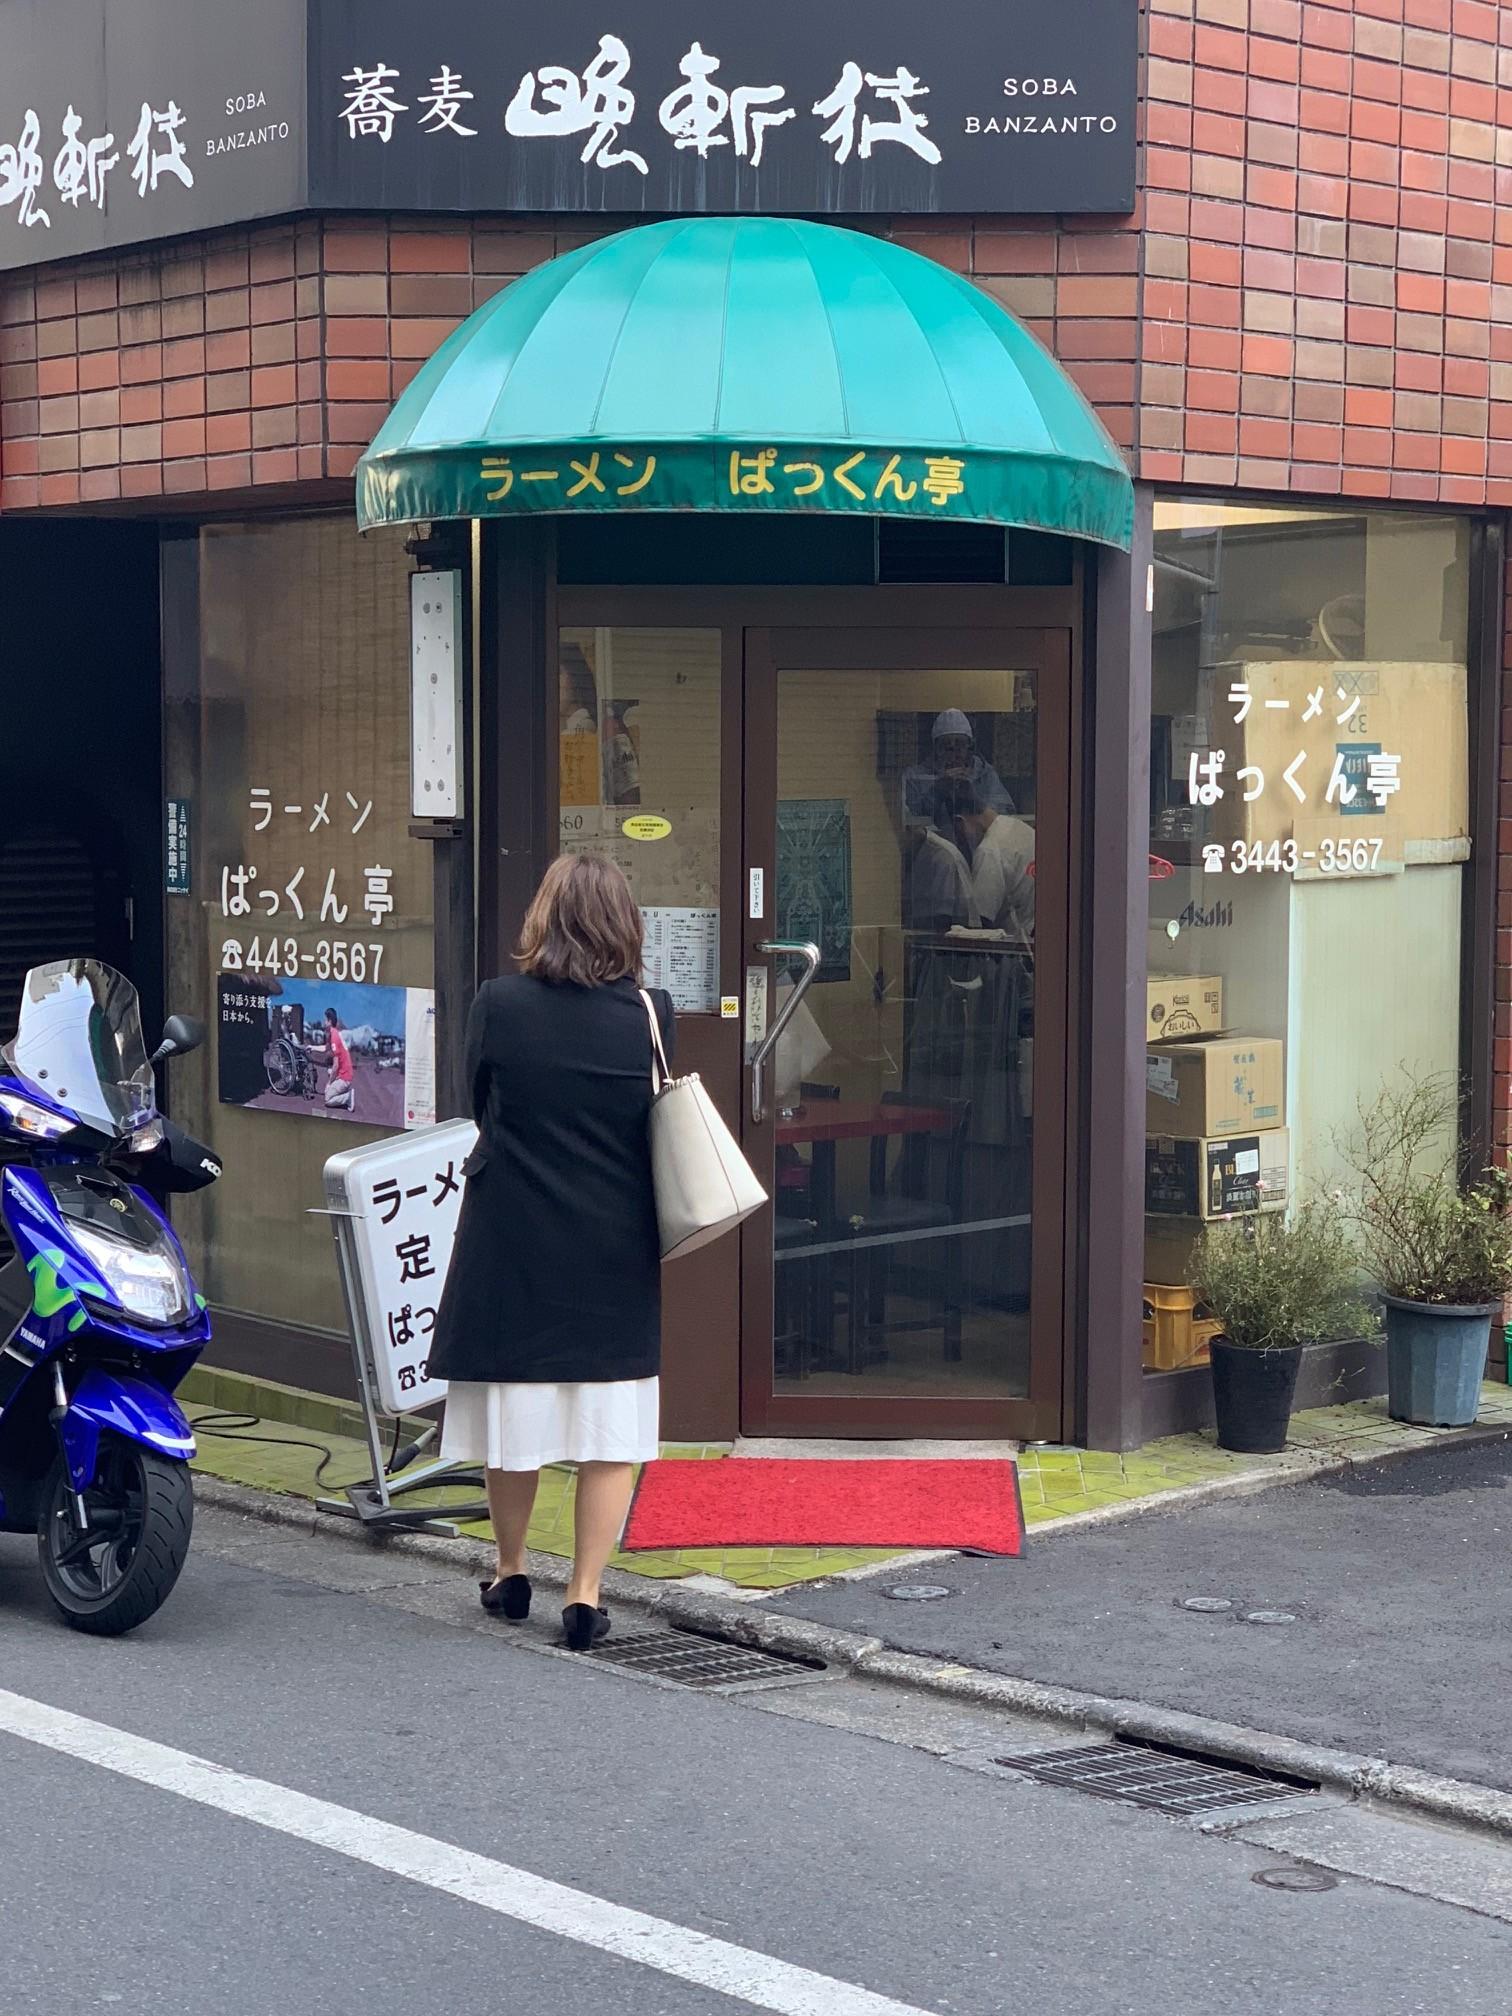 【目黒】ぱっくん亭/駅近くの雑々とした通りにある町中華。ご年配の店員さんが明るく振る舞う活気溢れたお店。